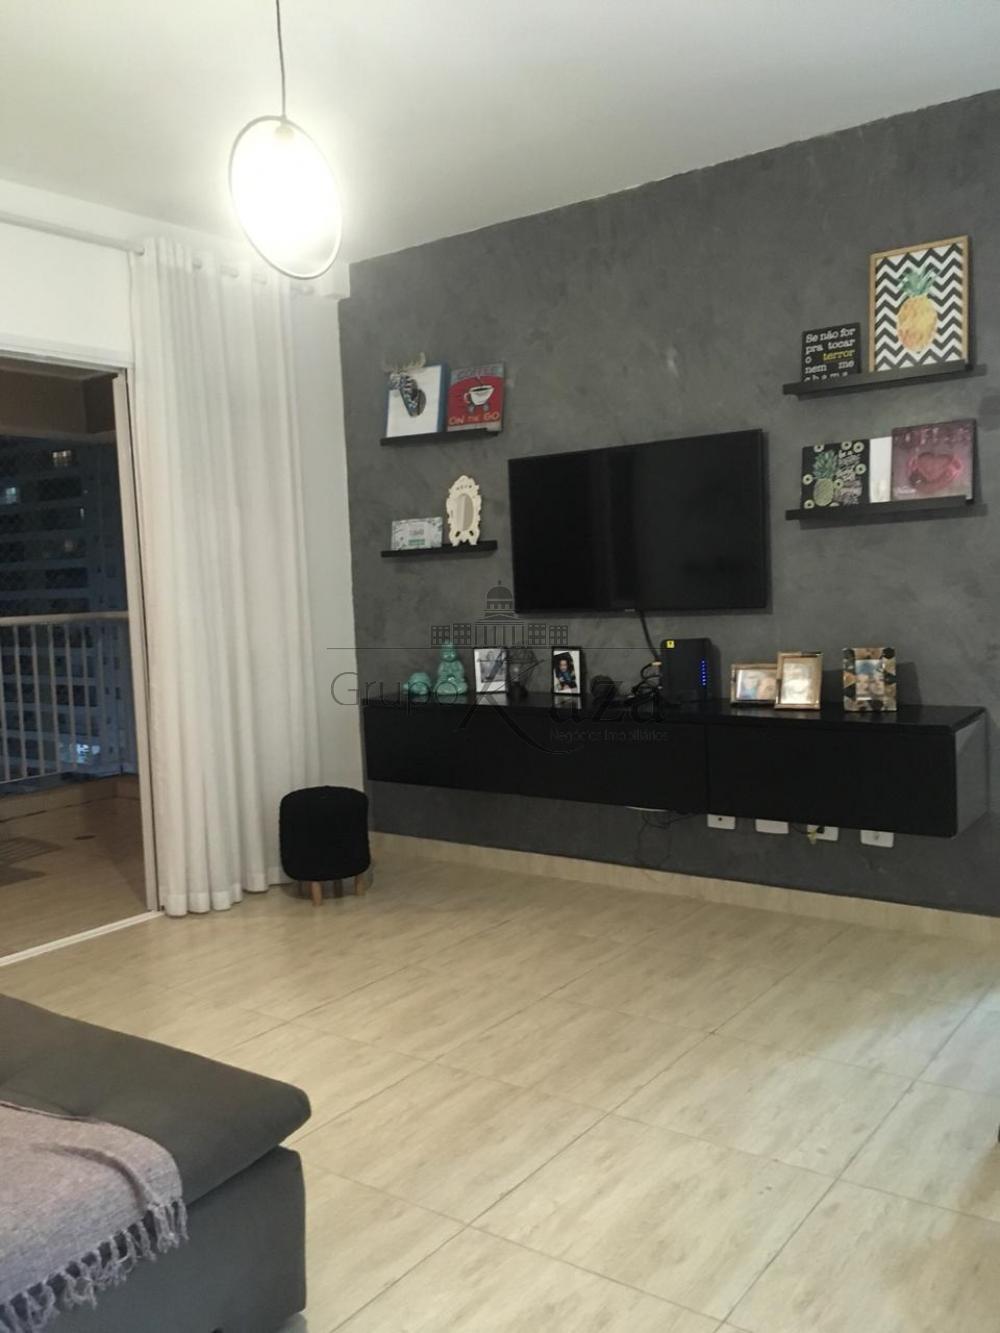 Alugar Apartamento / Padrão em São José dos Campos R$ 2.100,00 - Foto 1